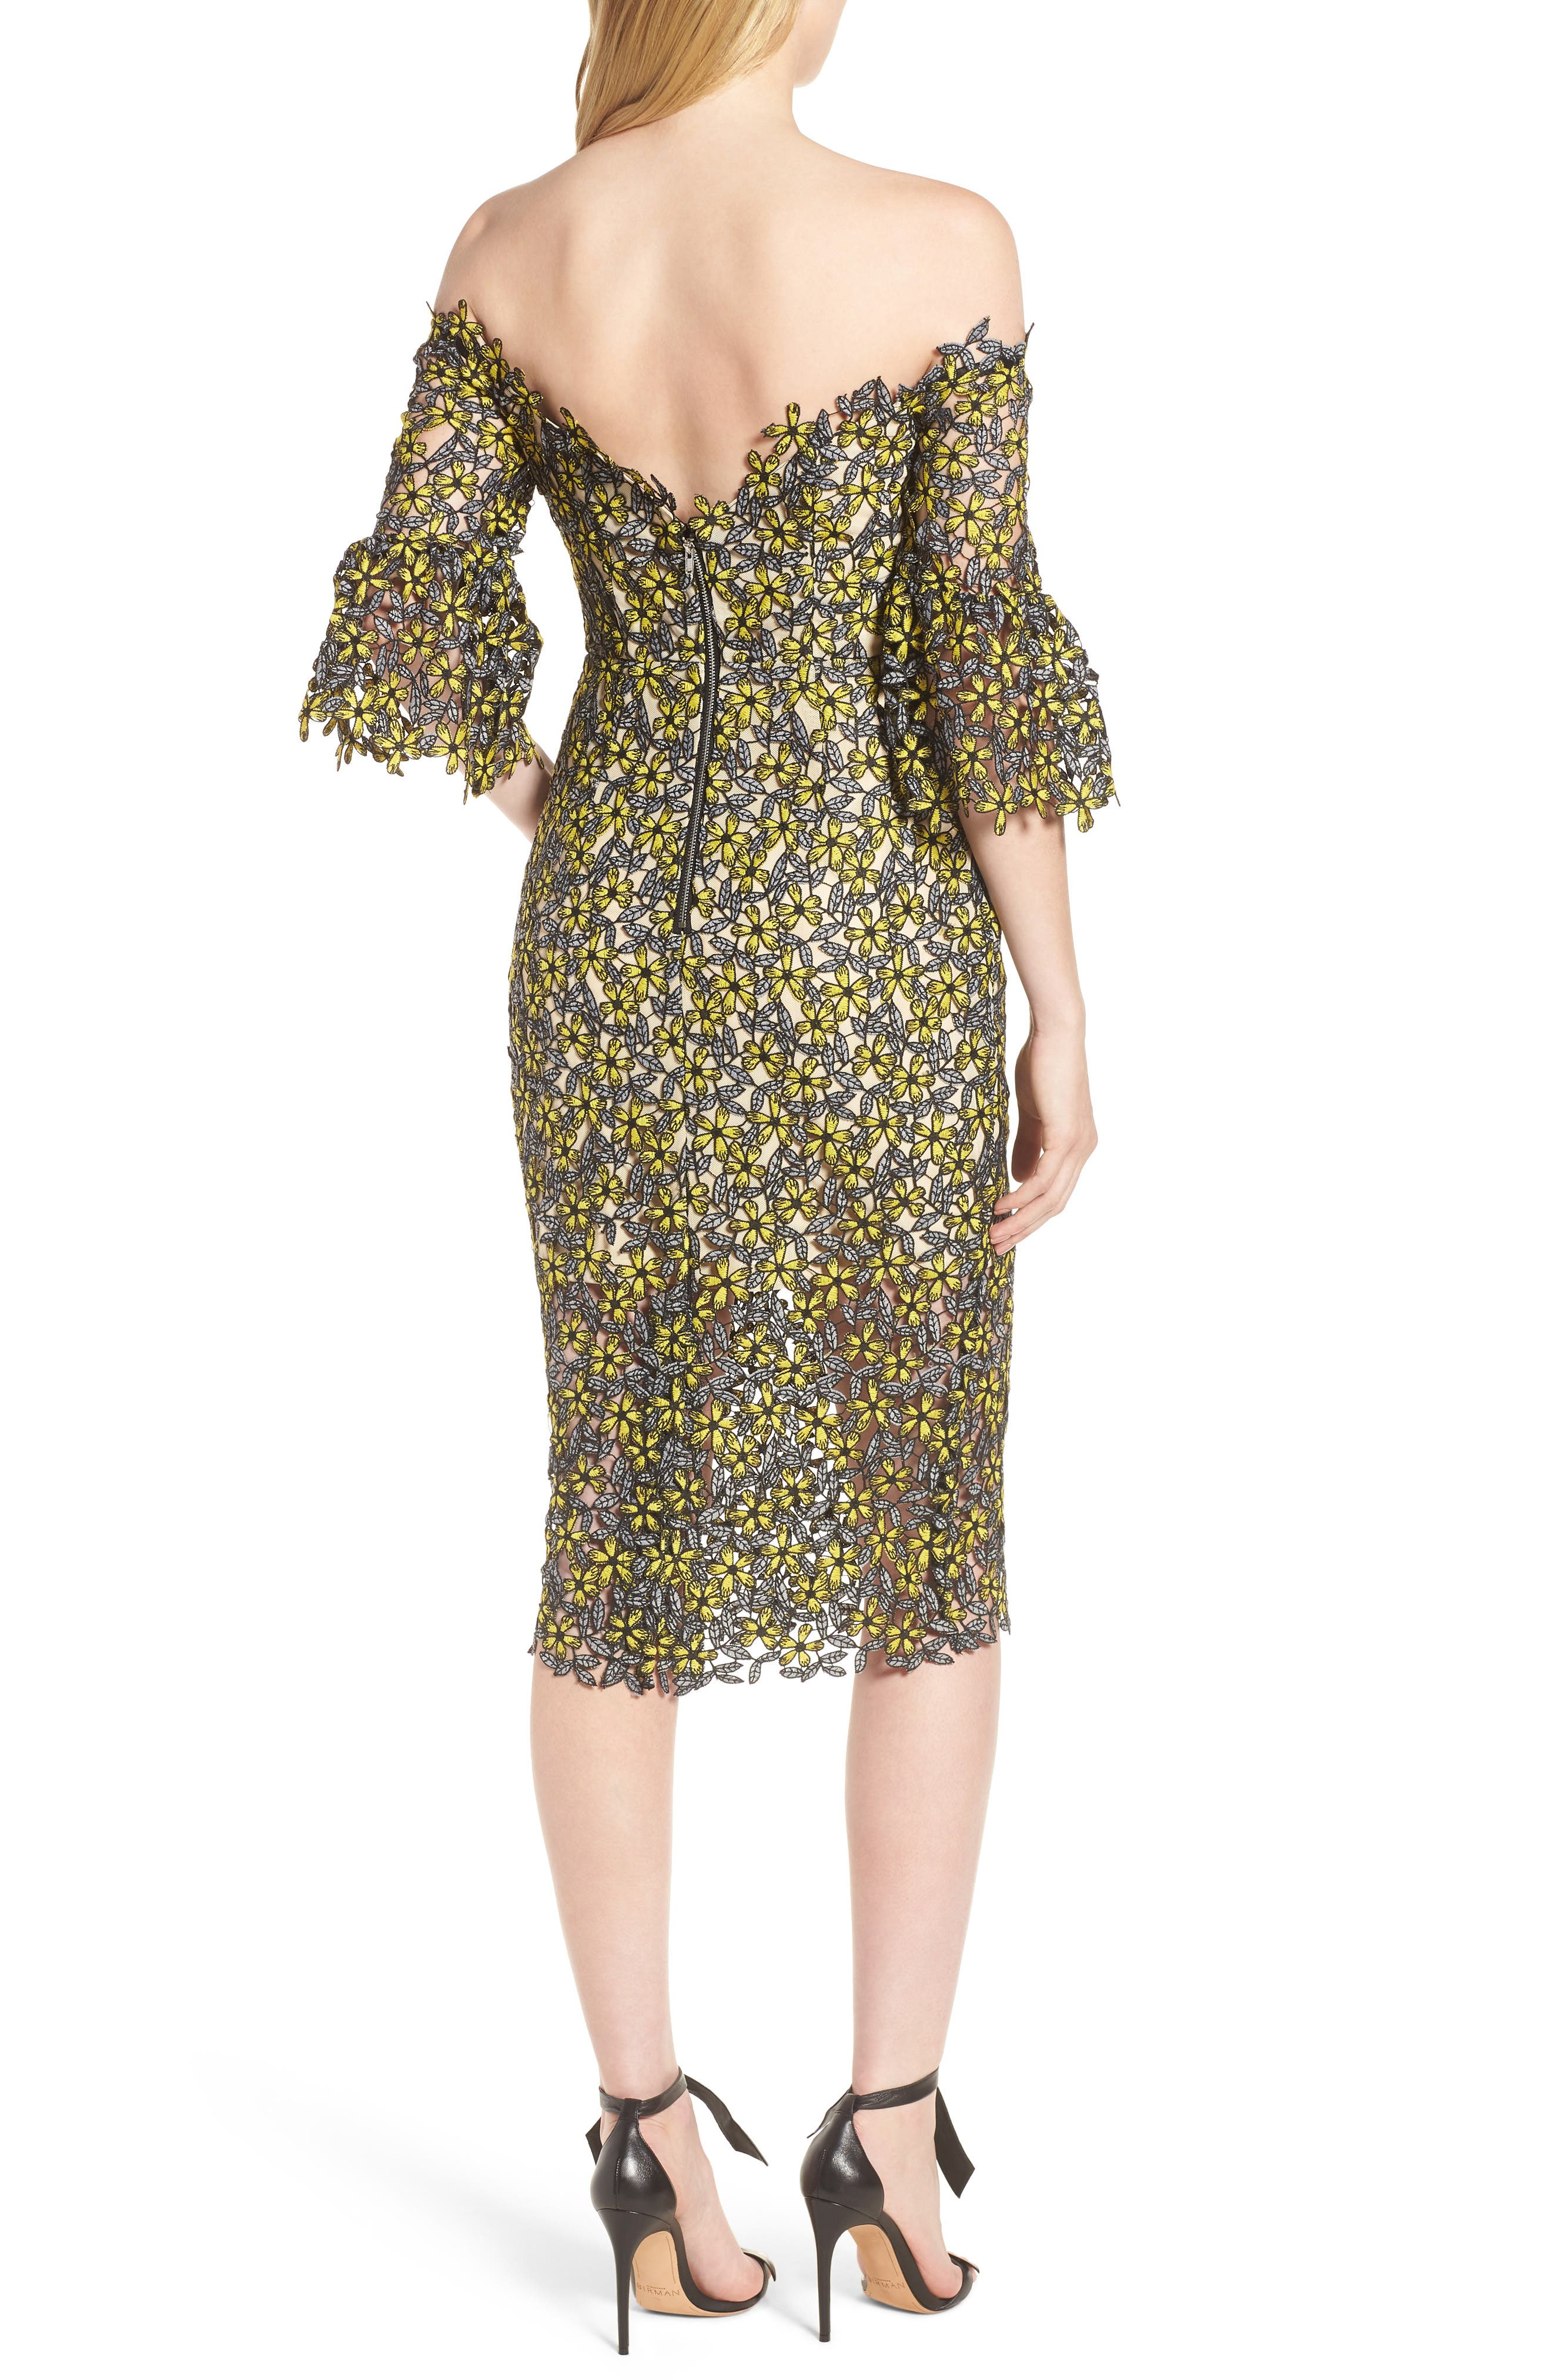 Eden Off the Shoulder Lace Dress,                             Alternate thumbnail 2, color,                             700